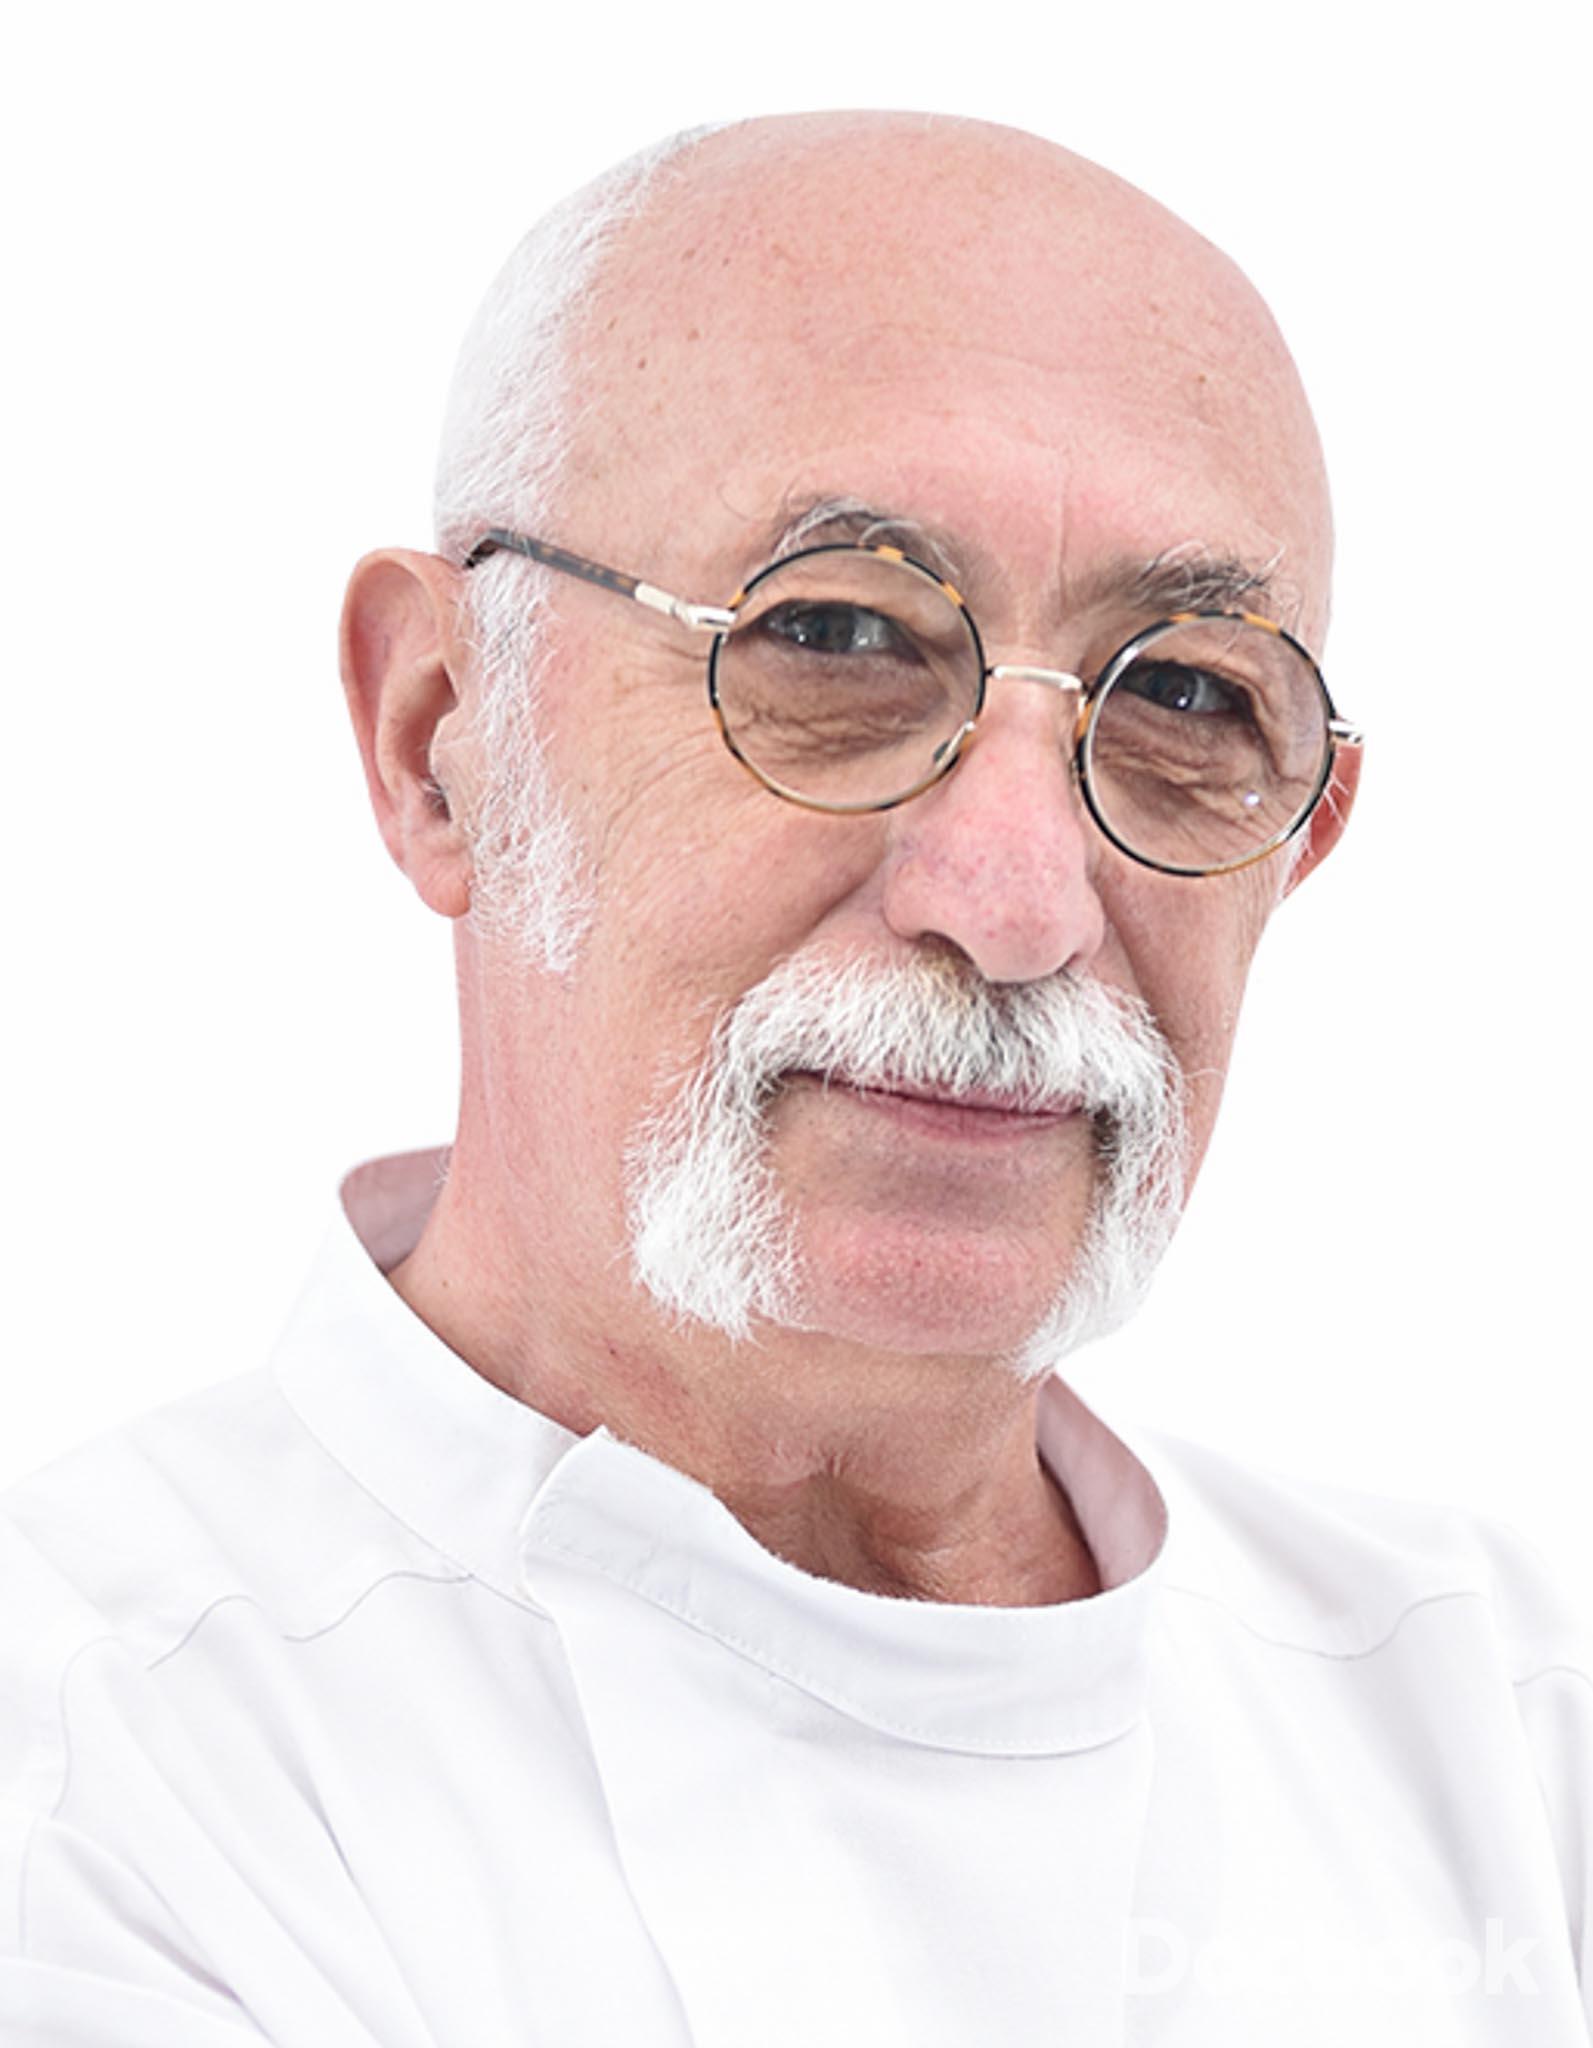 Dr. Mihai Creteanu